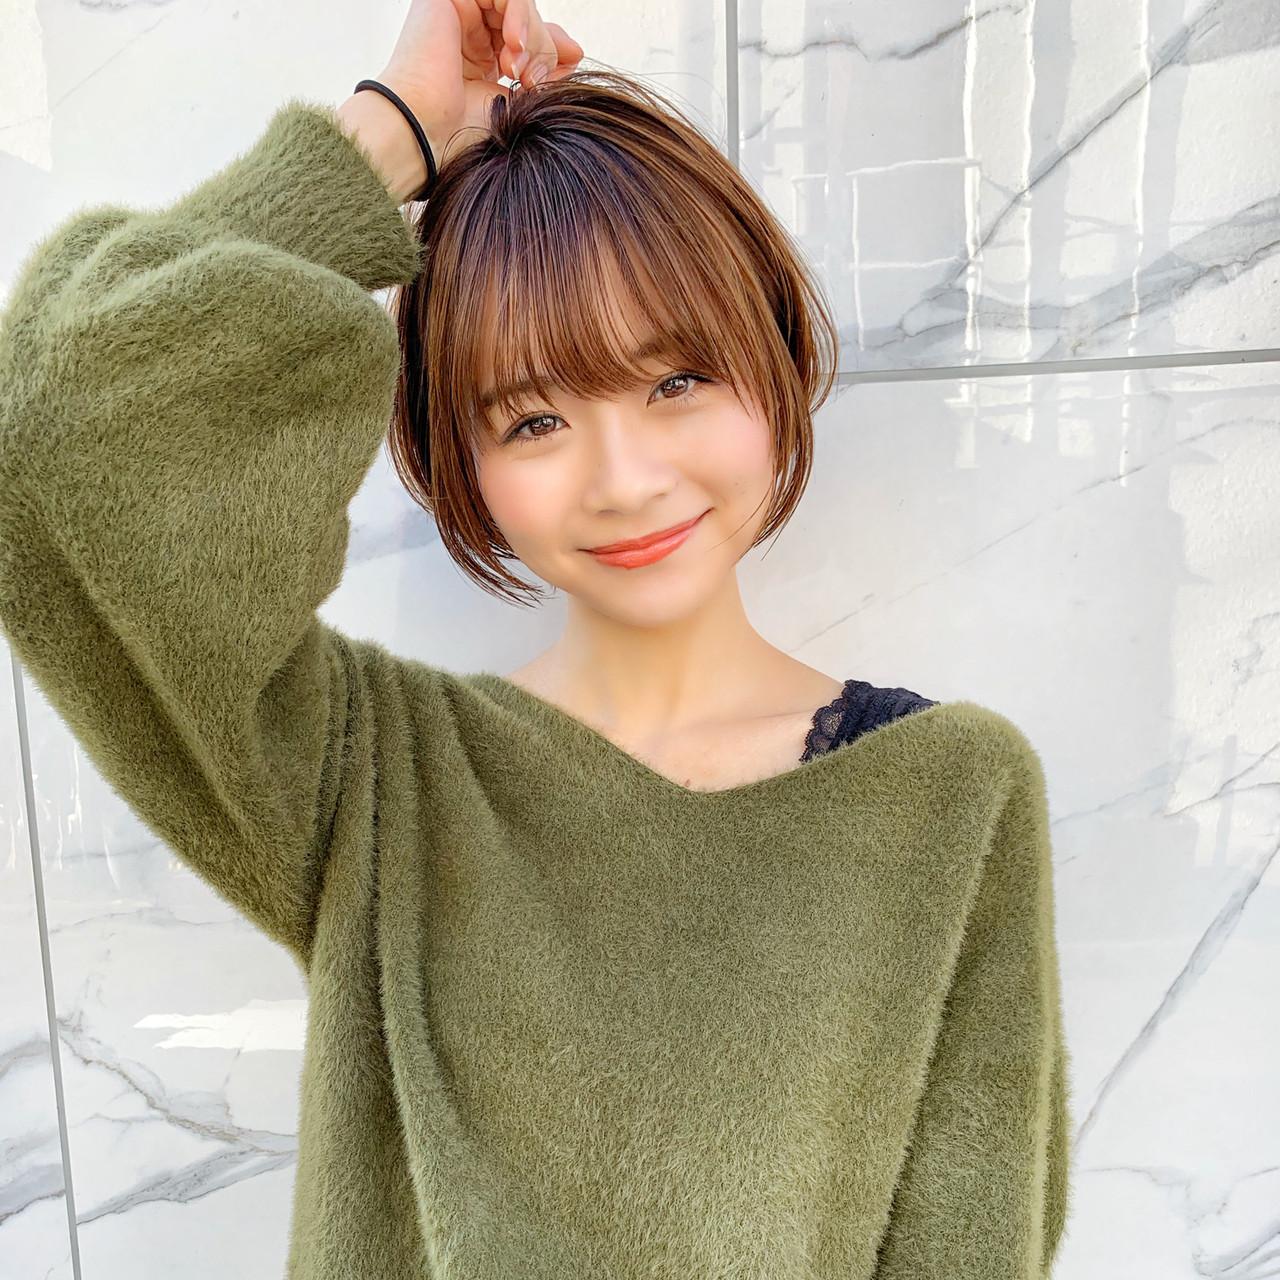 ナチュラル デート シースルーバング 小顔ヘア ヘアスタイルや髪型の写真・画像 | MANOHARU 新屋敷 / MANOHARU